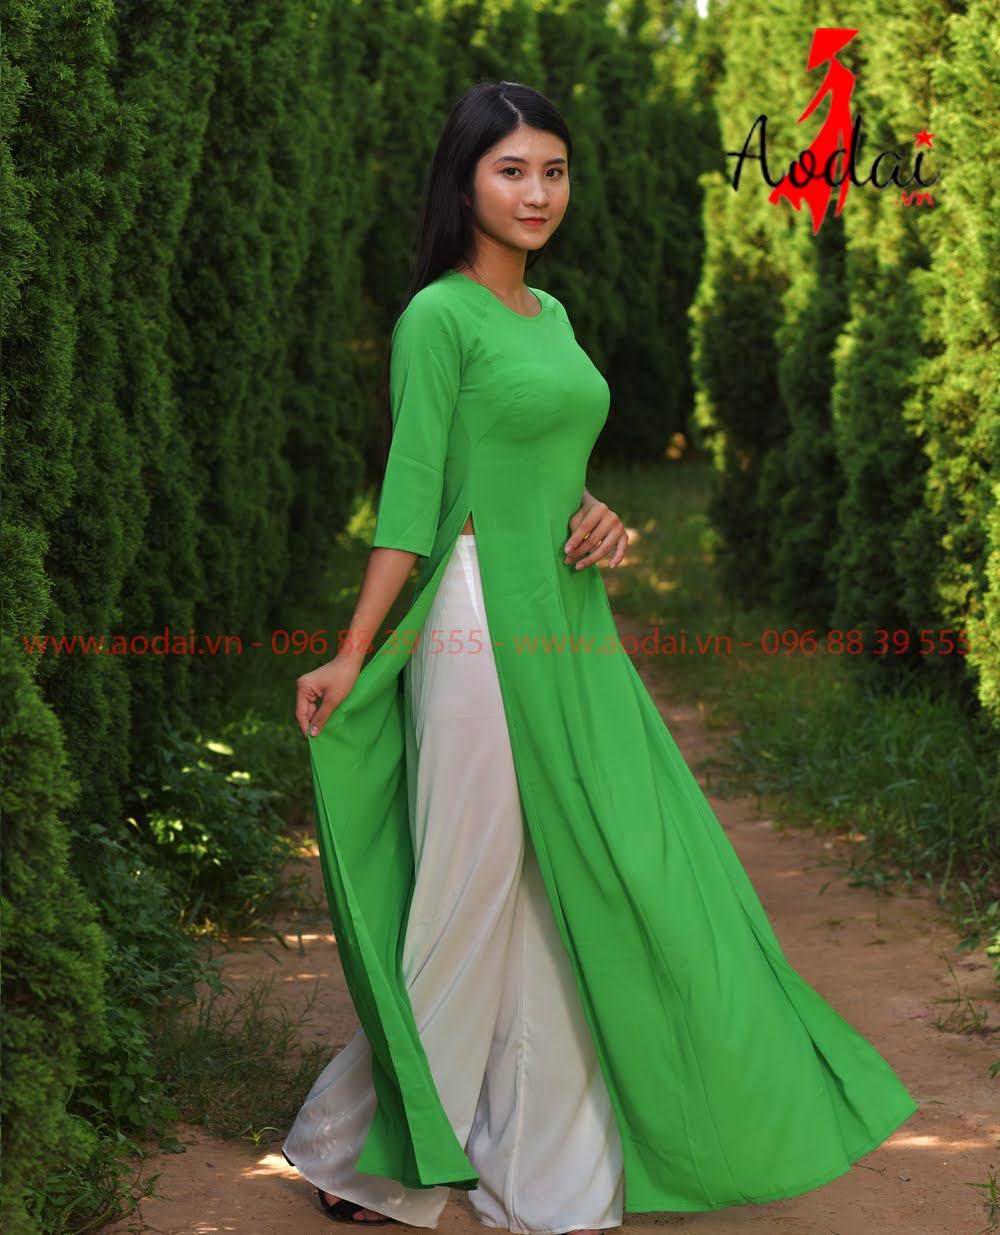 May áo dài tại Bắc Giang